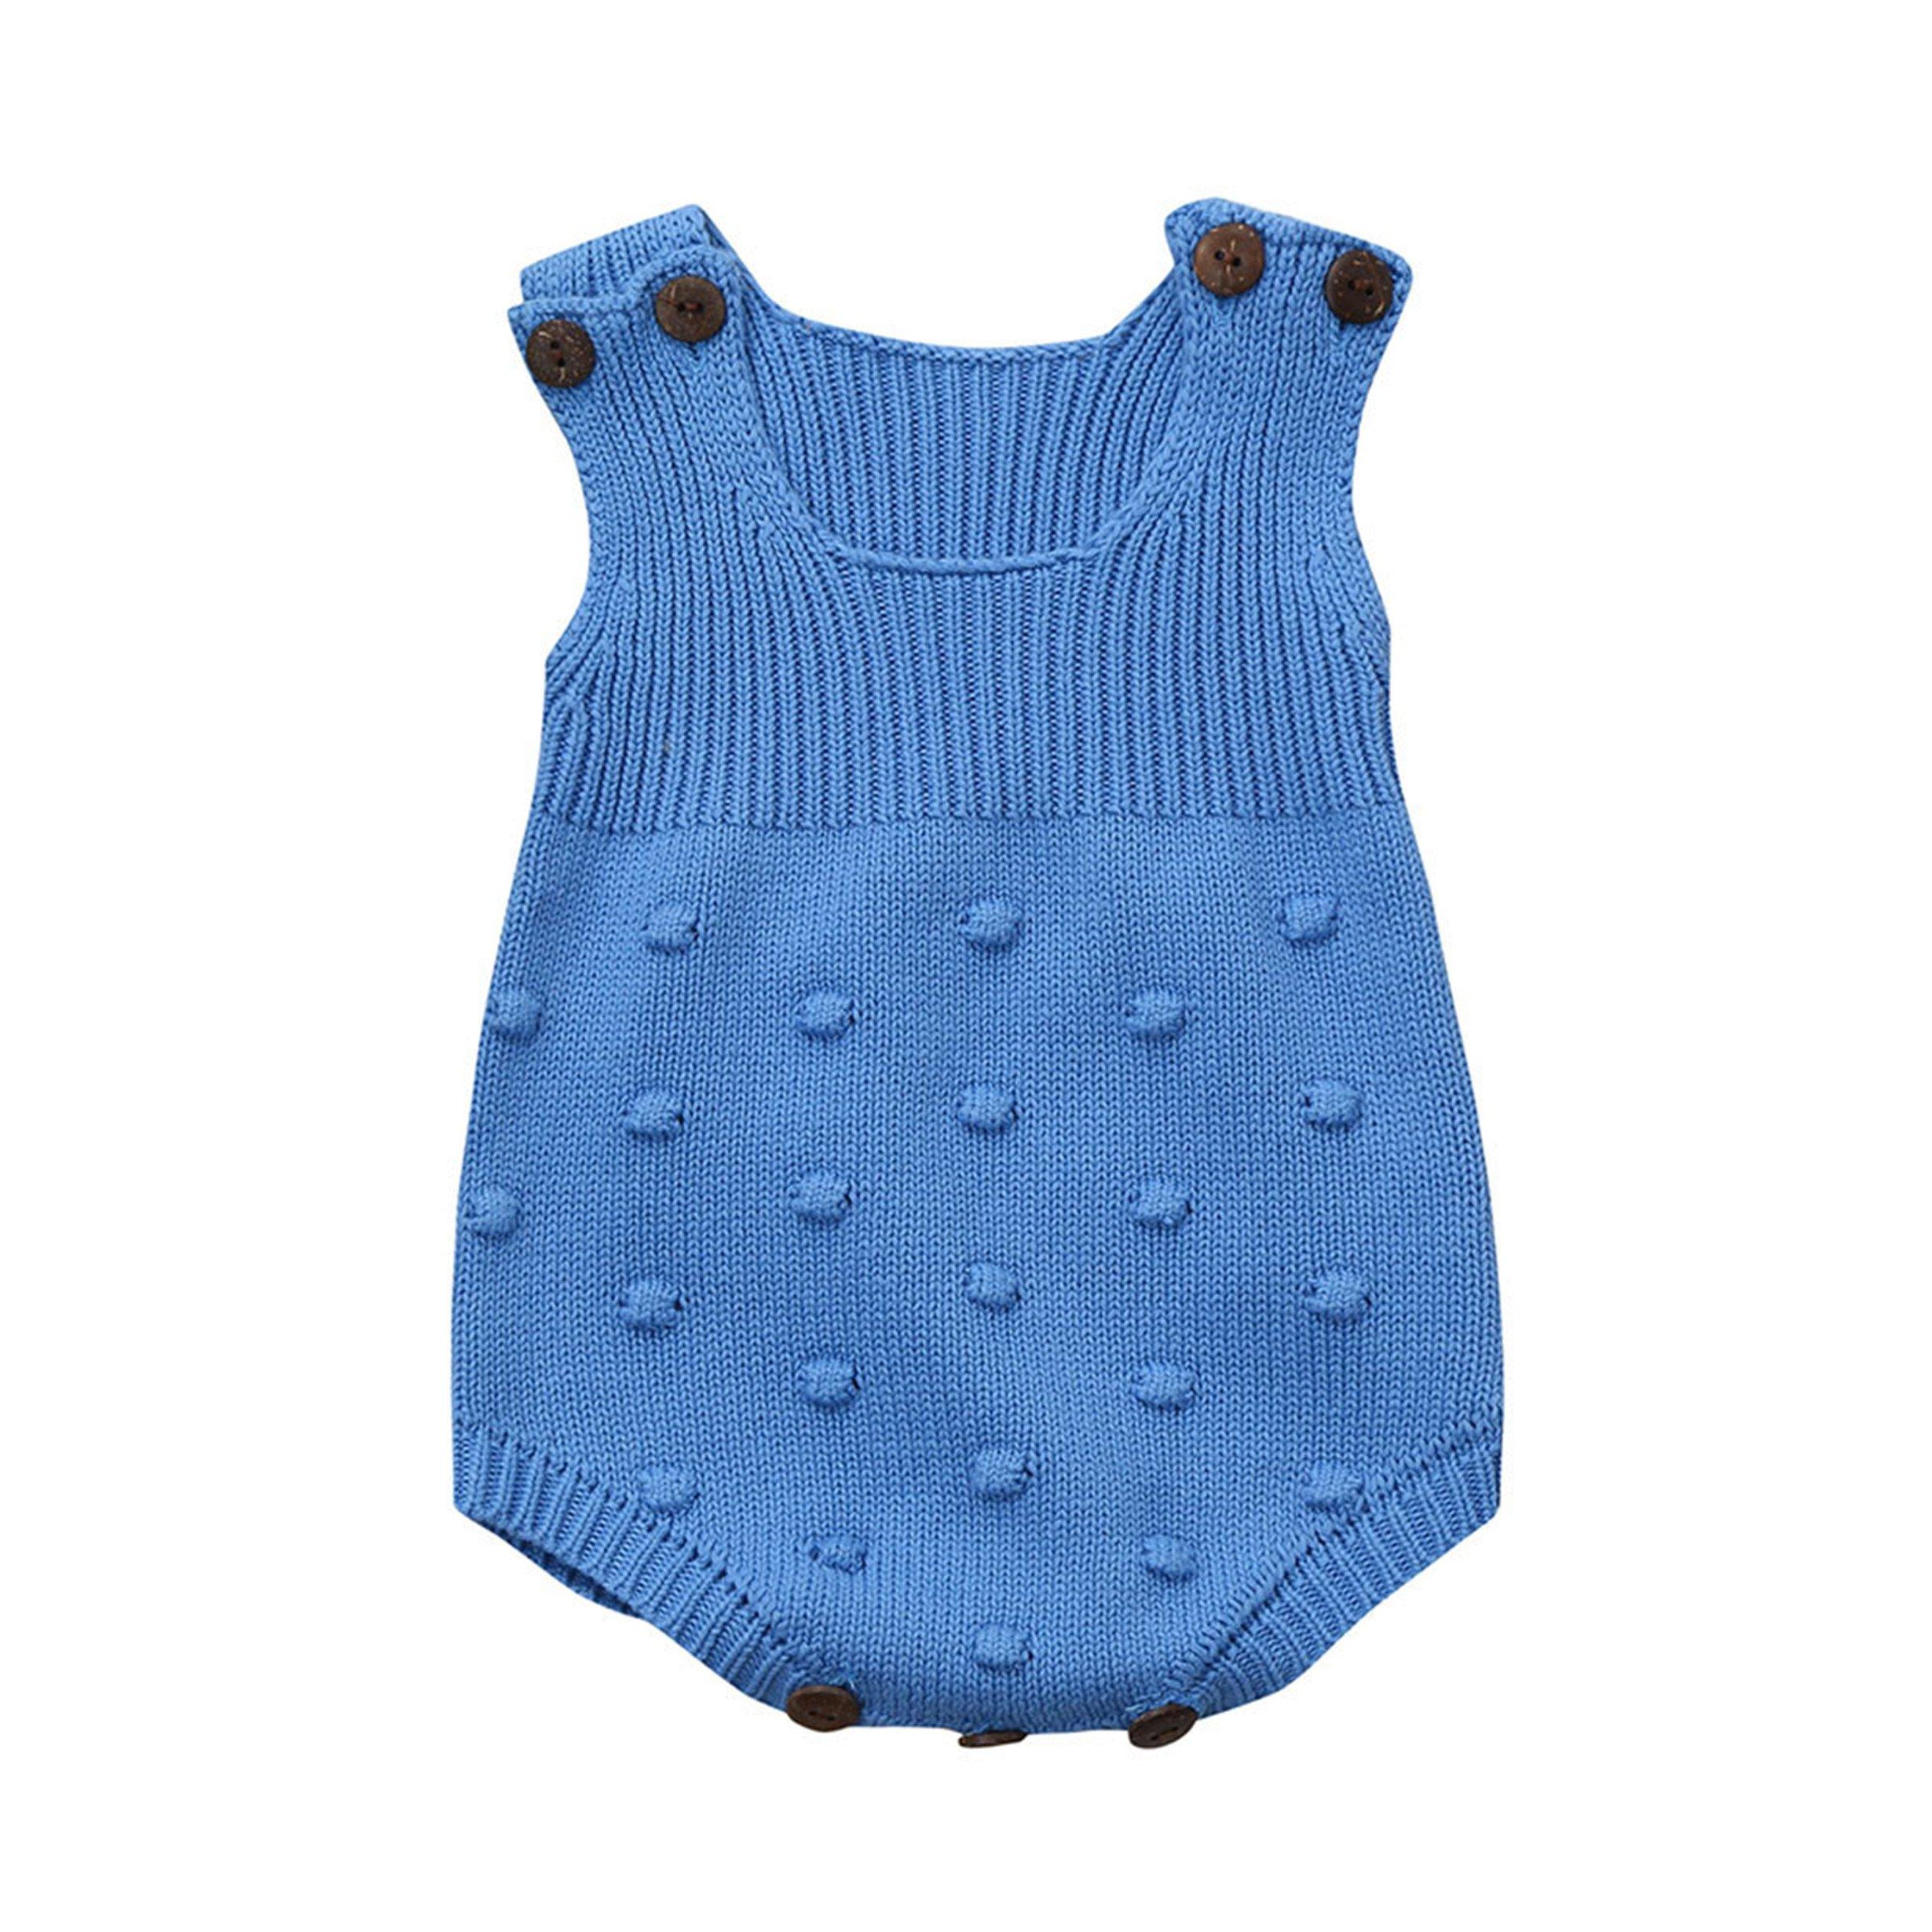 Ropa Bebé Unisex Longra ❤ Mameluco de Bebé de Otoño e Invierno Ropa de Niños